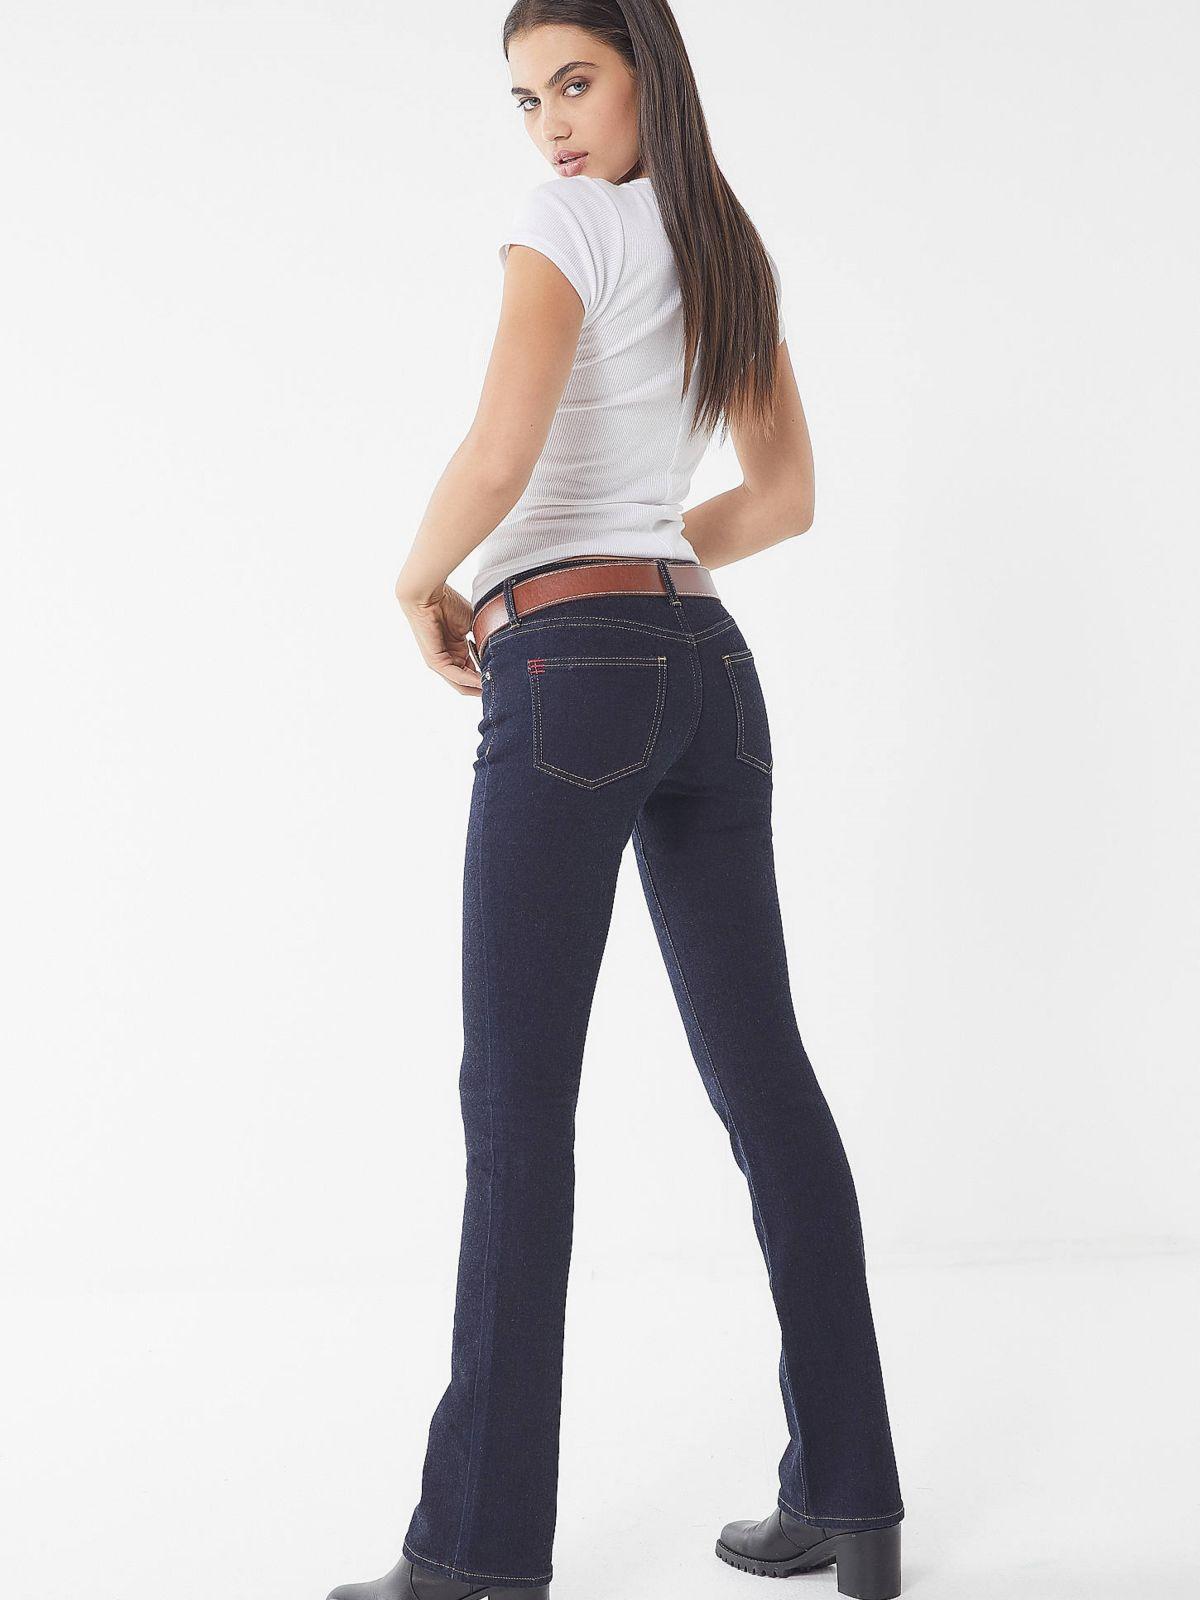 ג'ינס מתרחב בגזרה נמוכה BDGג'ינס מתרחב בגזרה נמוכה BDG של URBAN OUTFITTERS